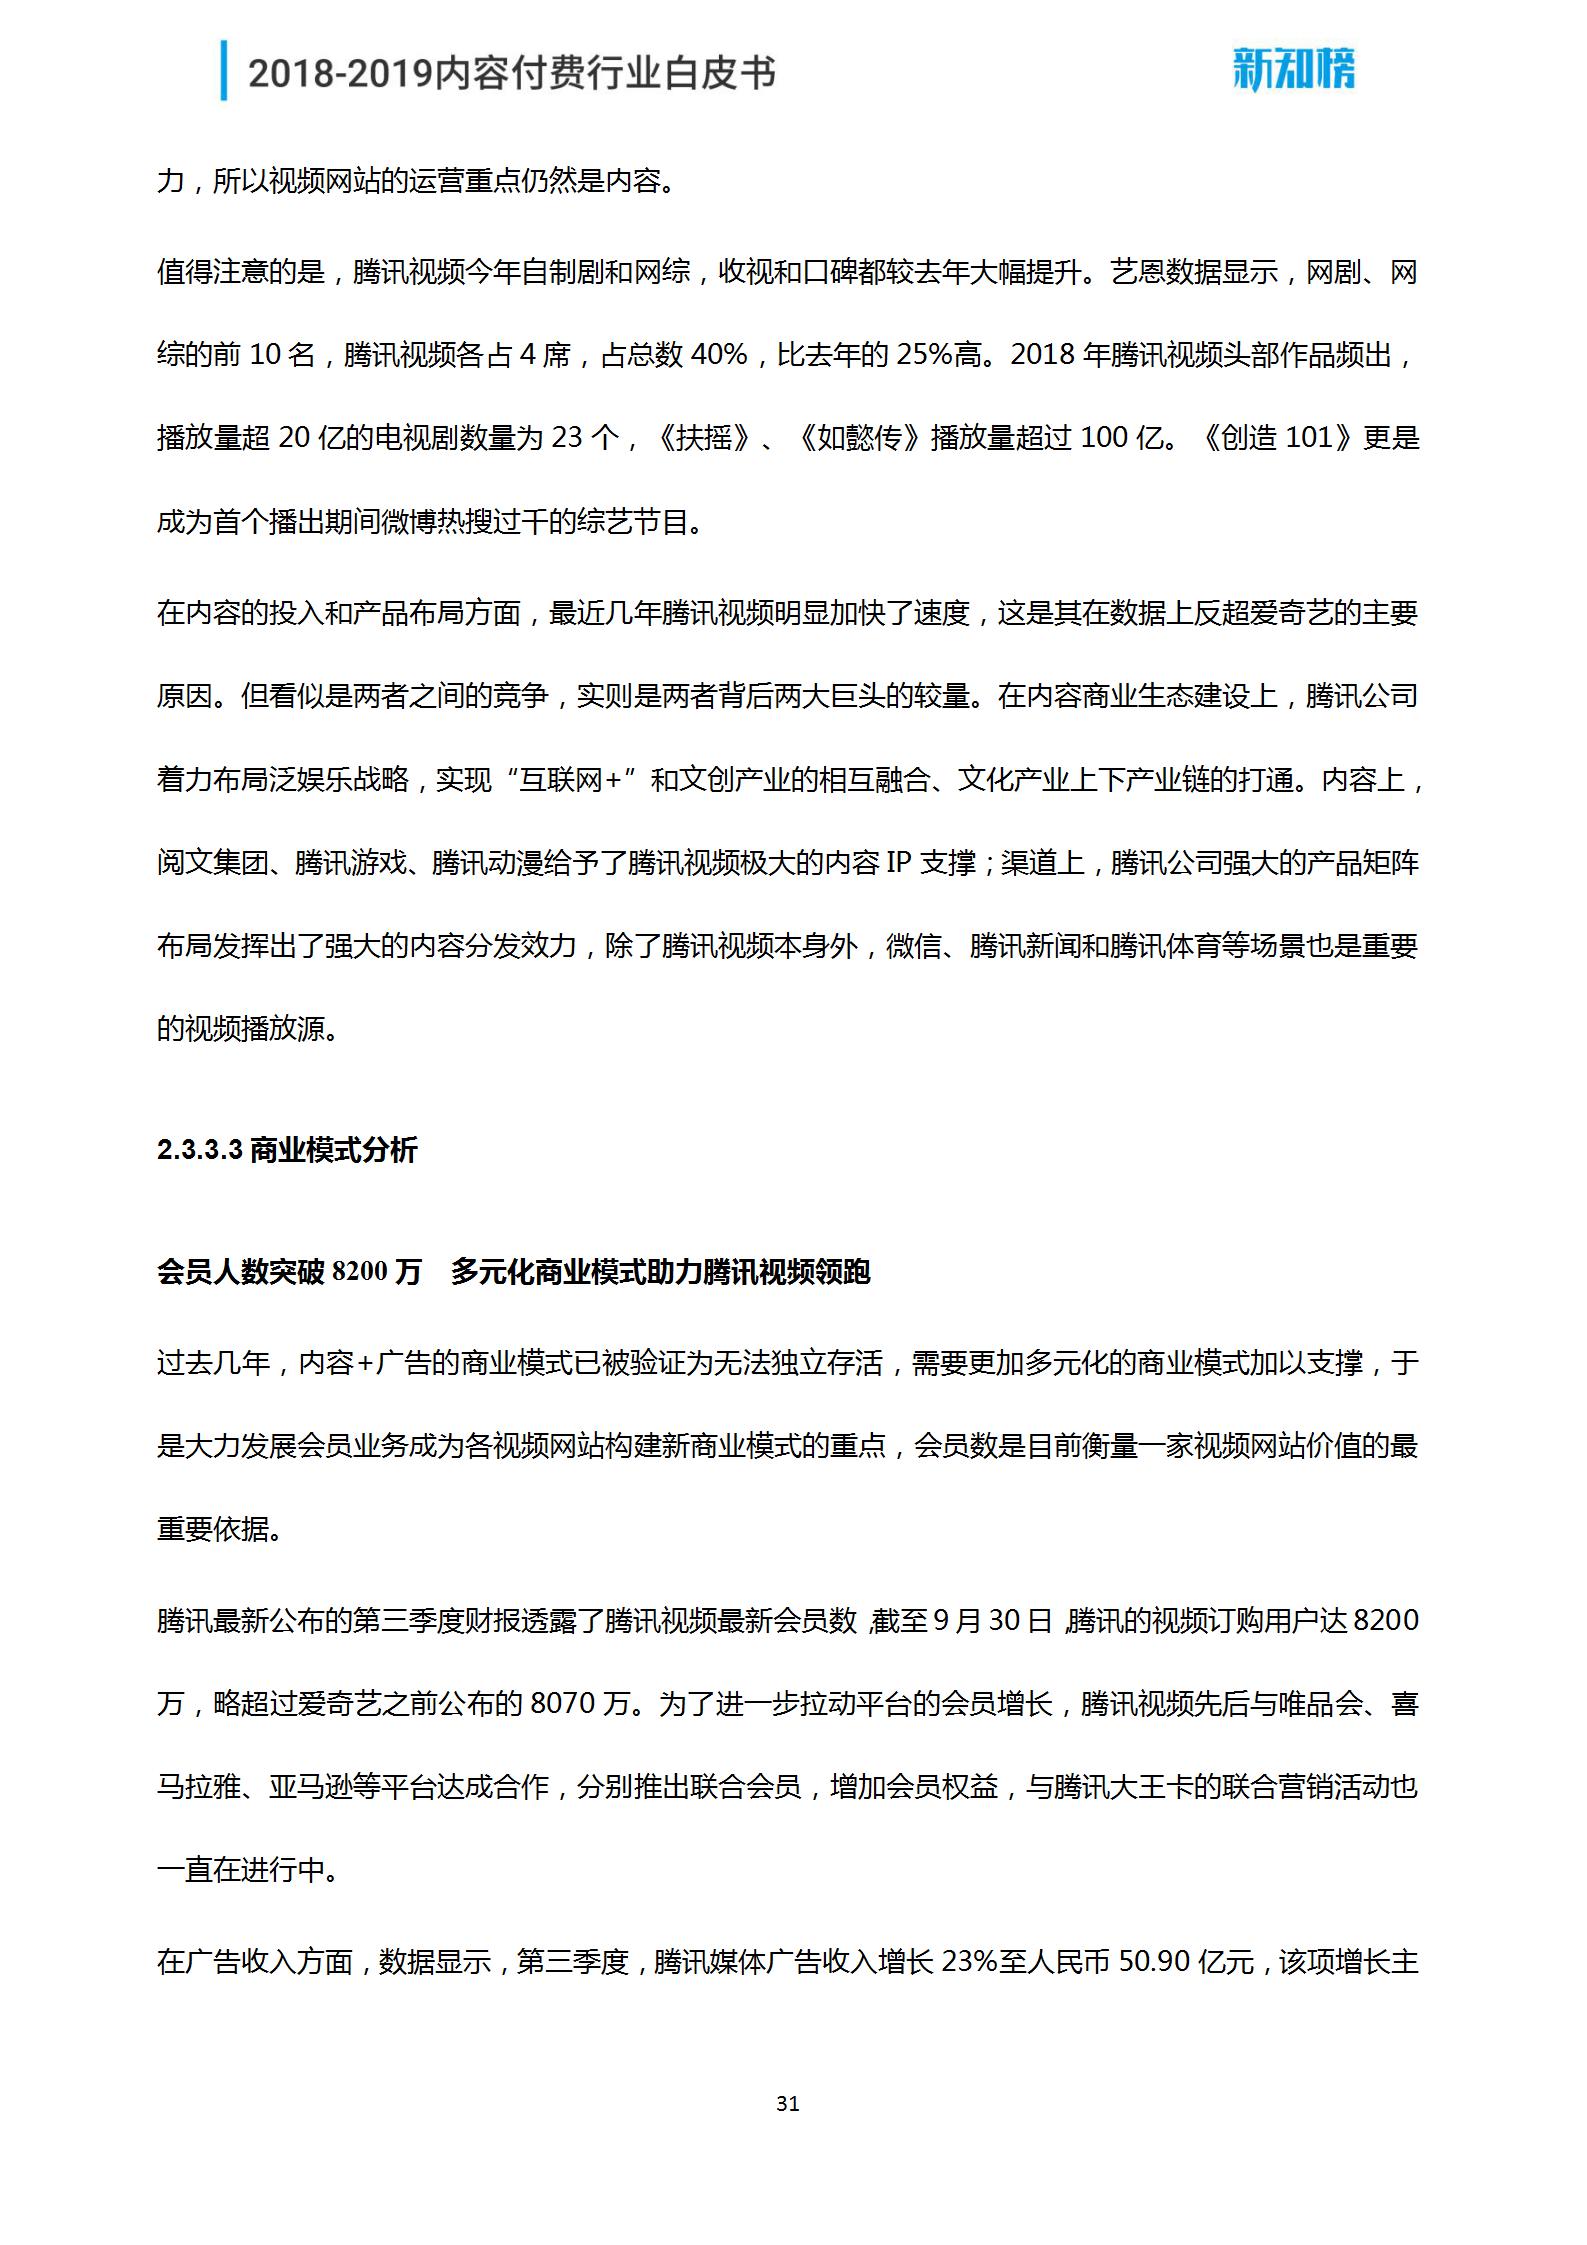 新知榜2018-2019内容付费行业白皮书_31.png